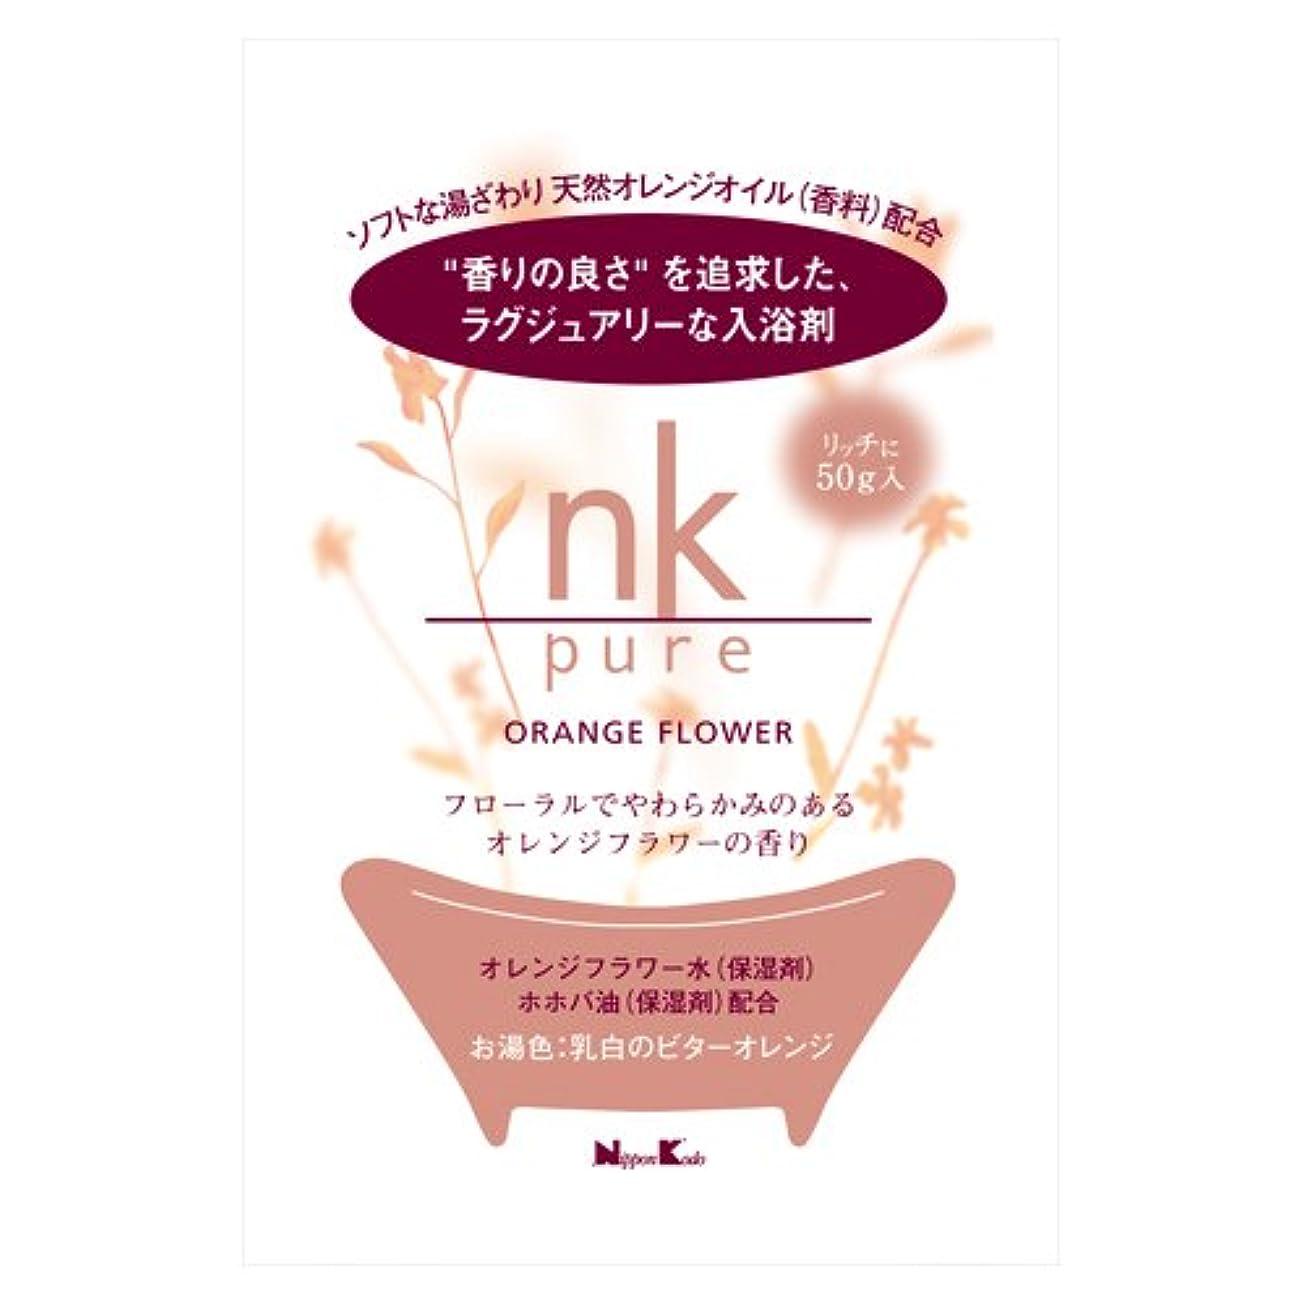 安定した嬉しいです意味【X10個セット】 nk pure 入浴剤 オレンジフラワー 50g